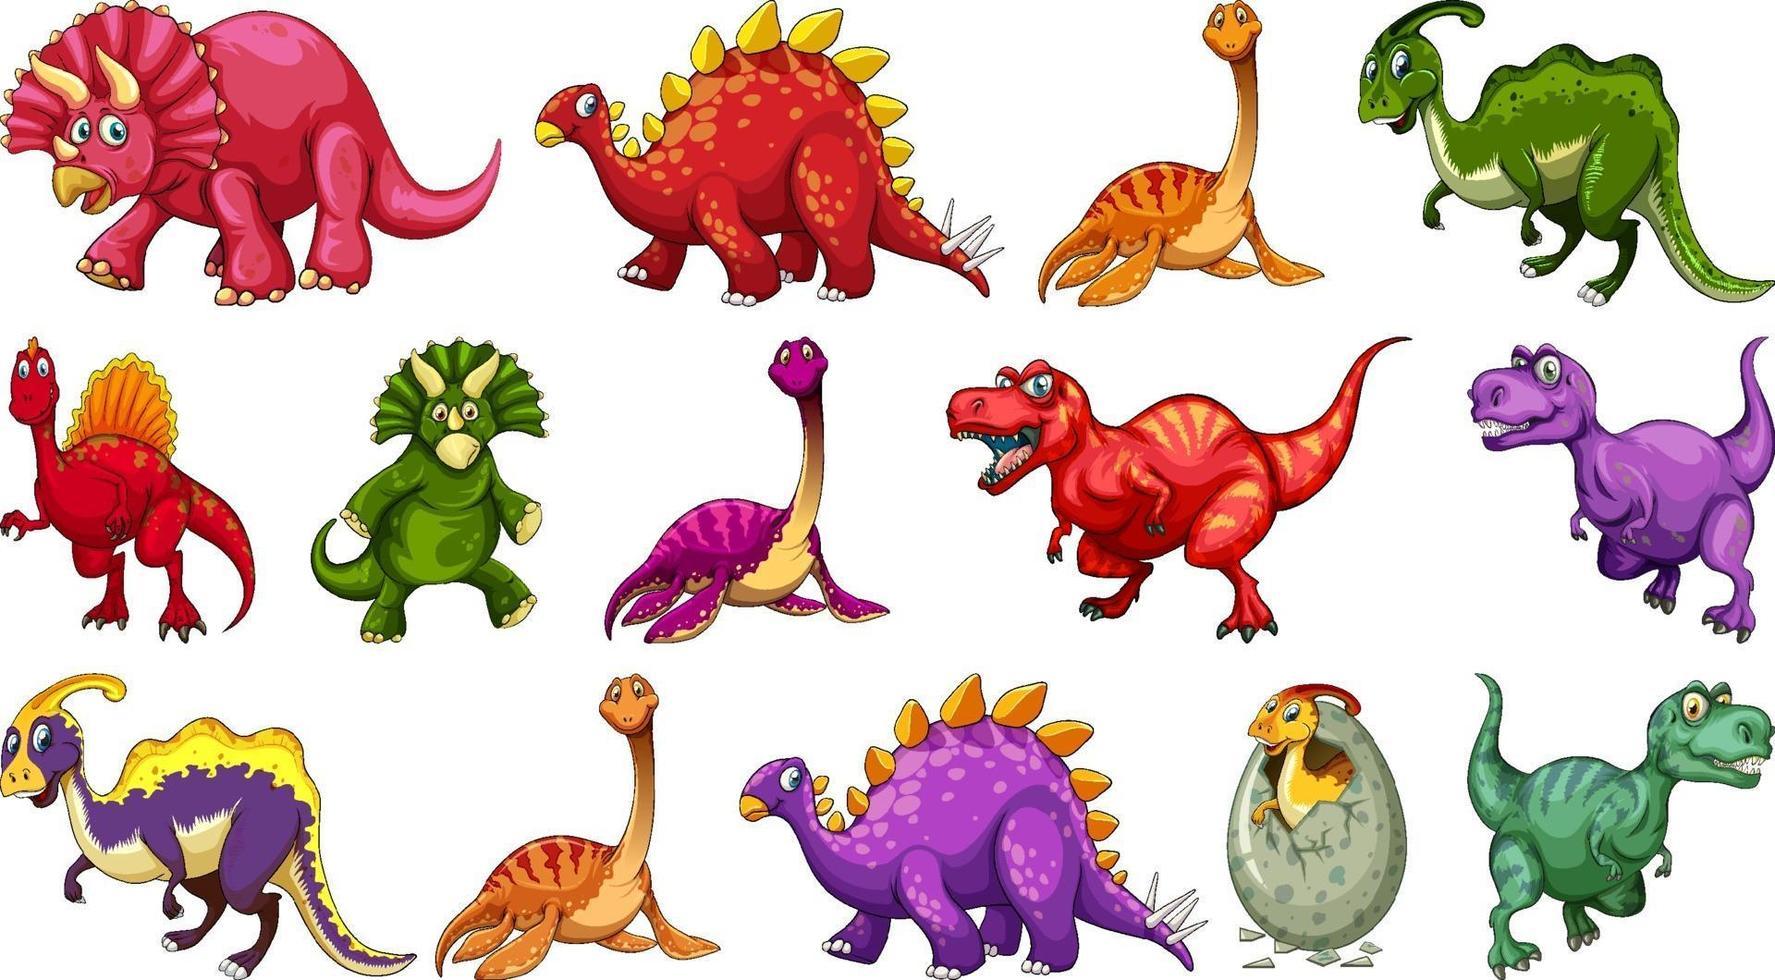 Satz verschiedene Dinosaurier-Zeichentrickfigur lokalisiert auf weißem Hintergrund vektor